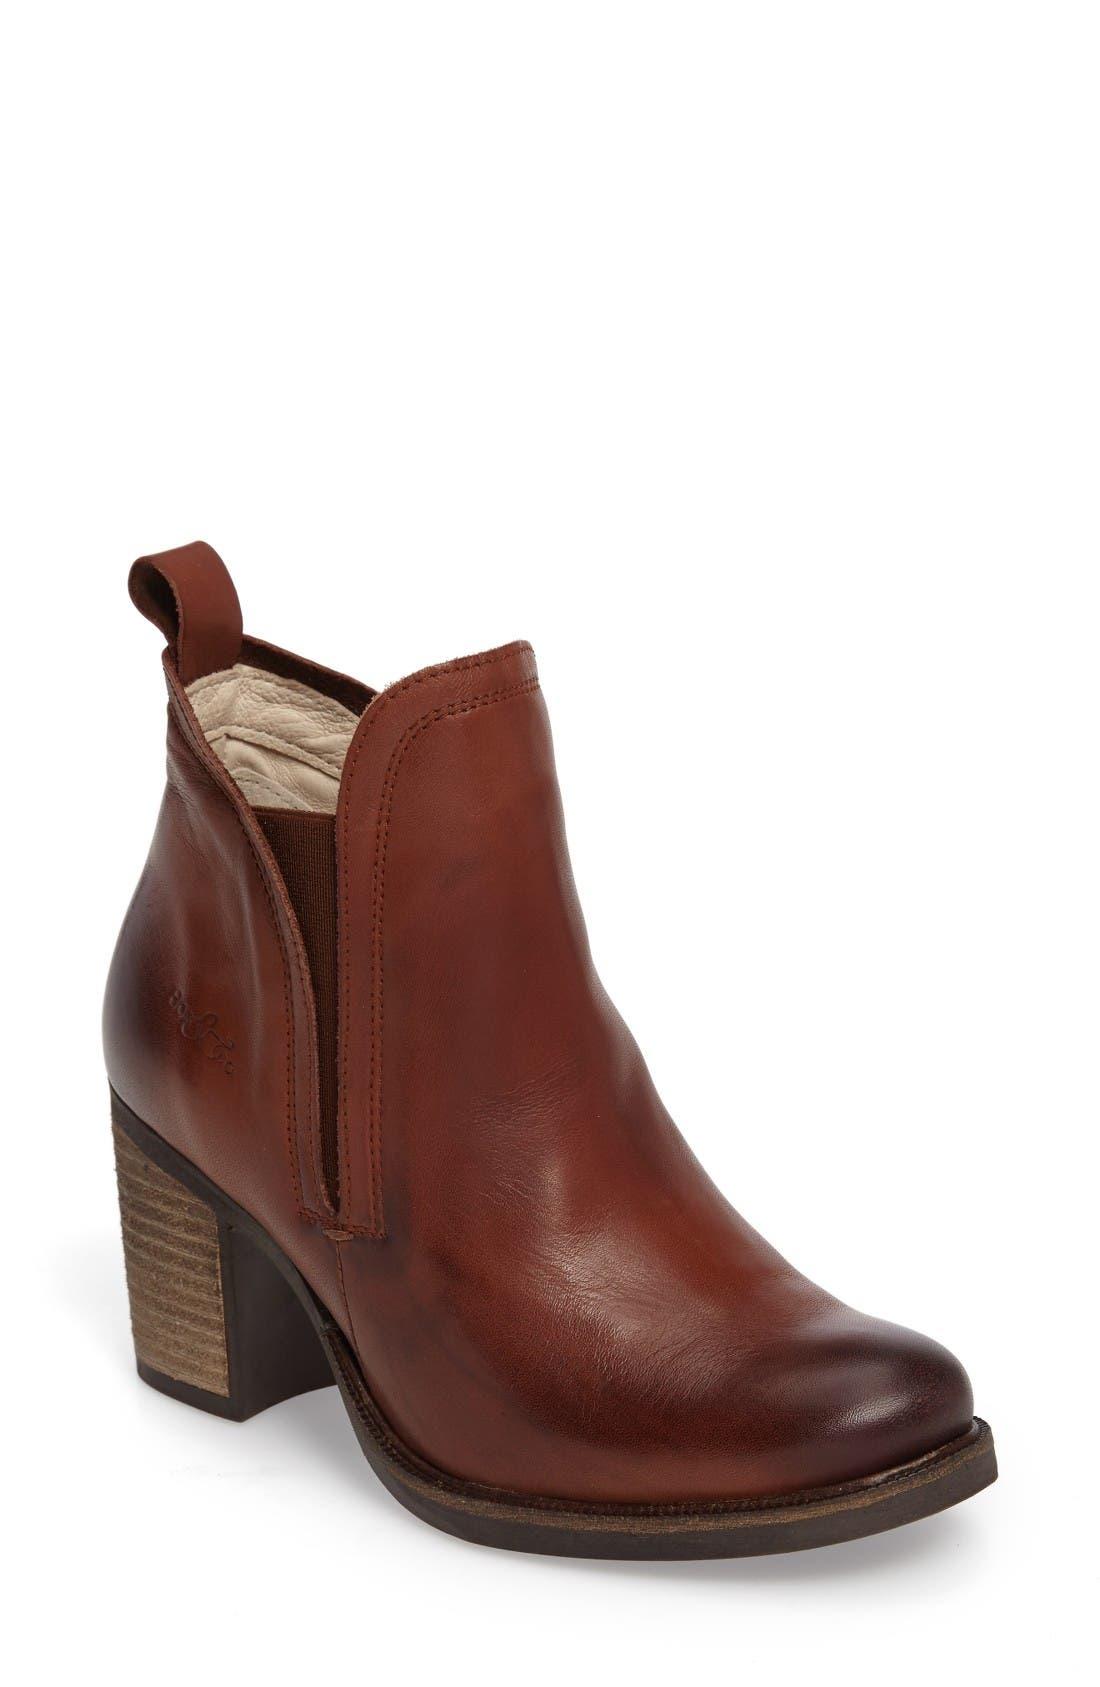 Bos. & Co. Belfielding Waterproof Chelsea Boot (Women)